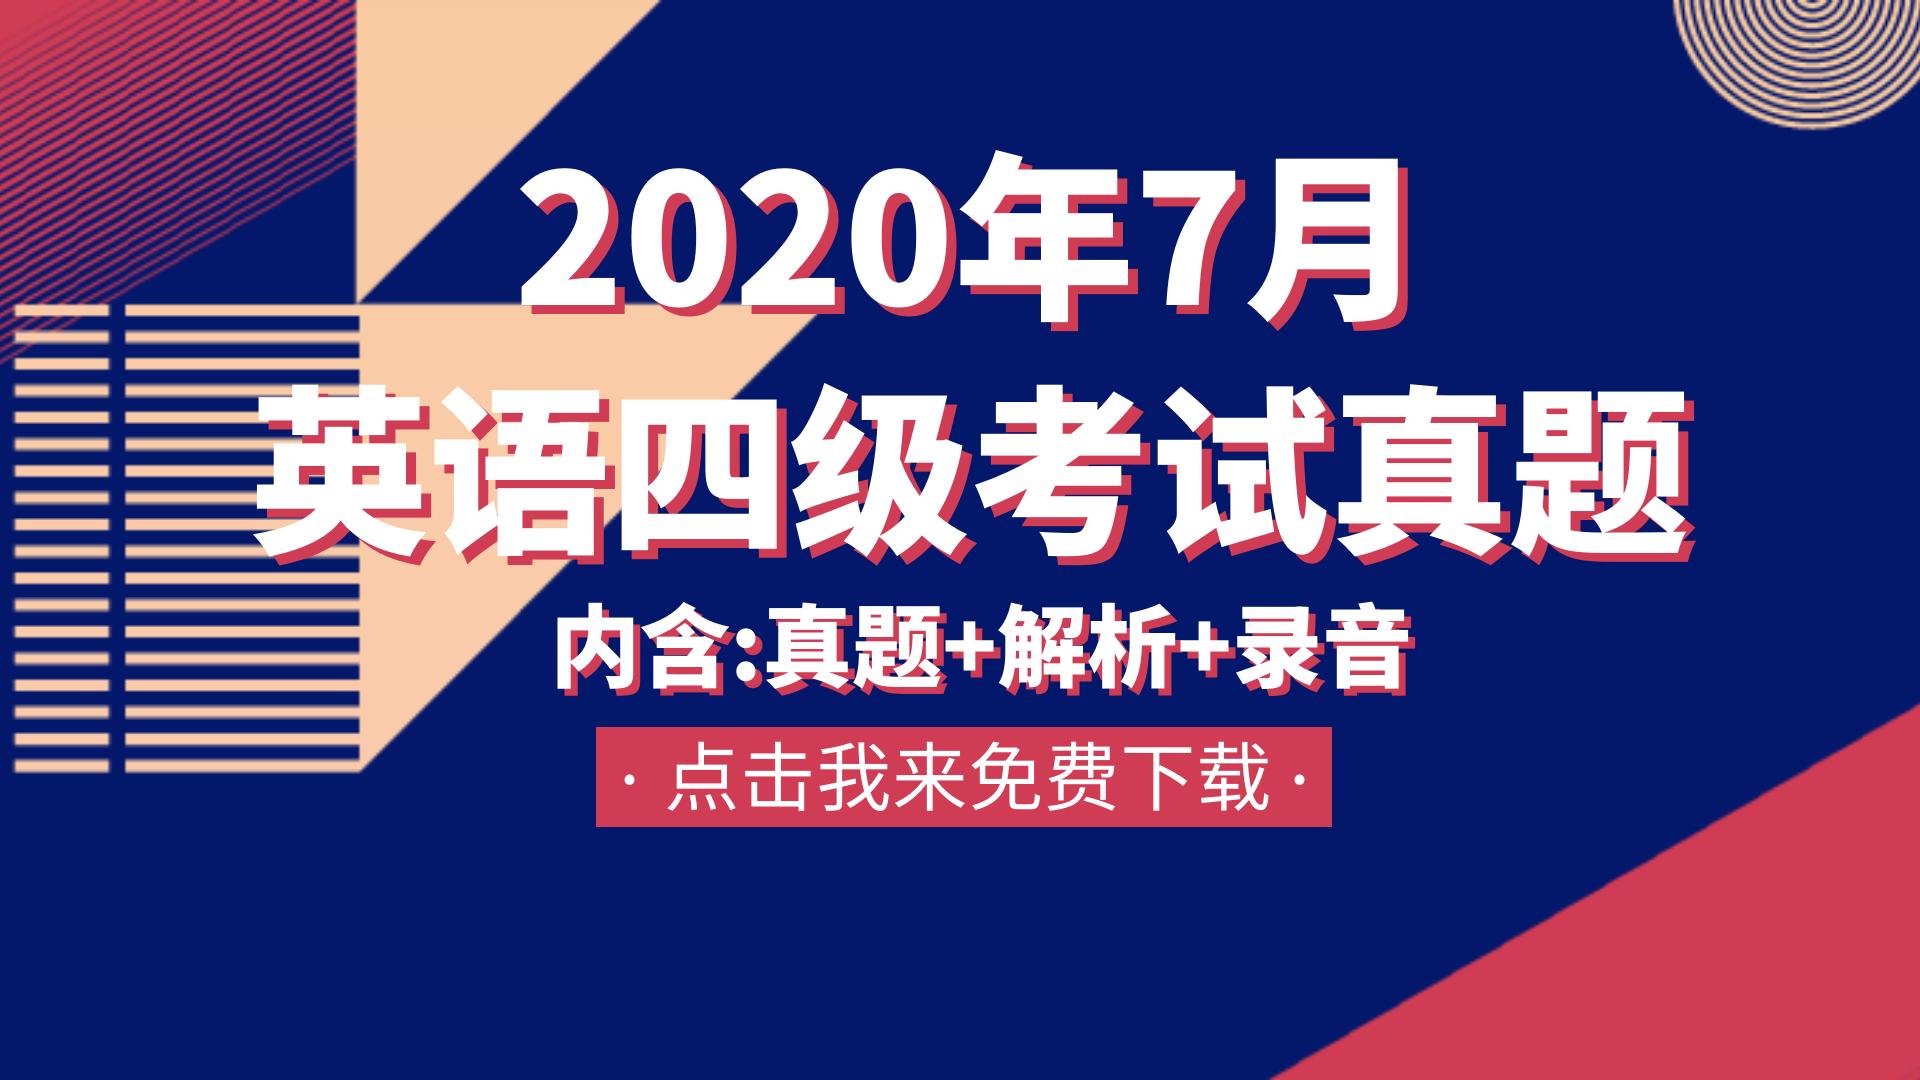 2020年7月英语四级考试真题组合卷(含真题+解析+录音)免费下载